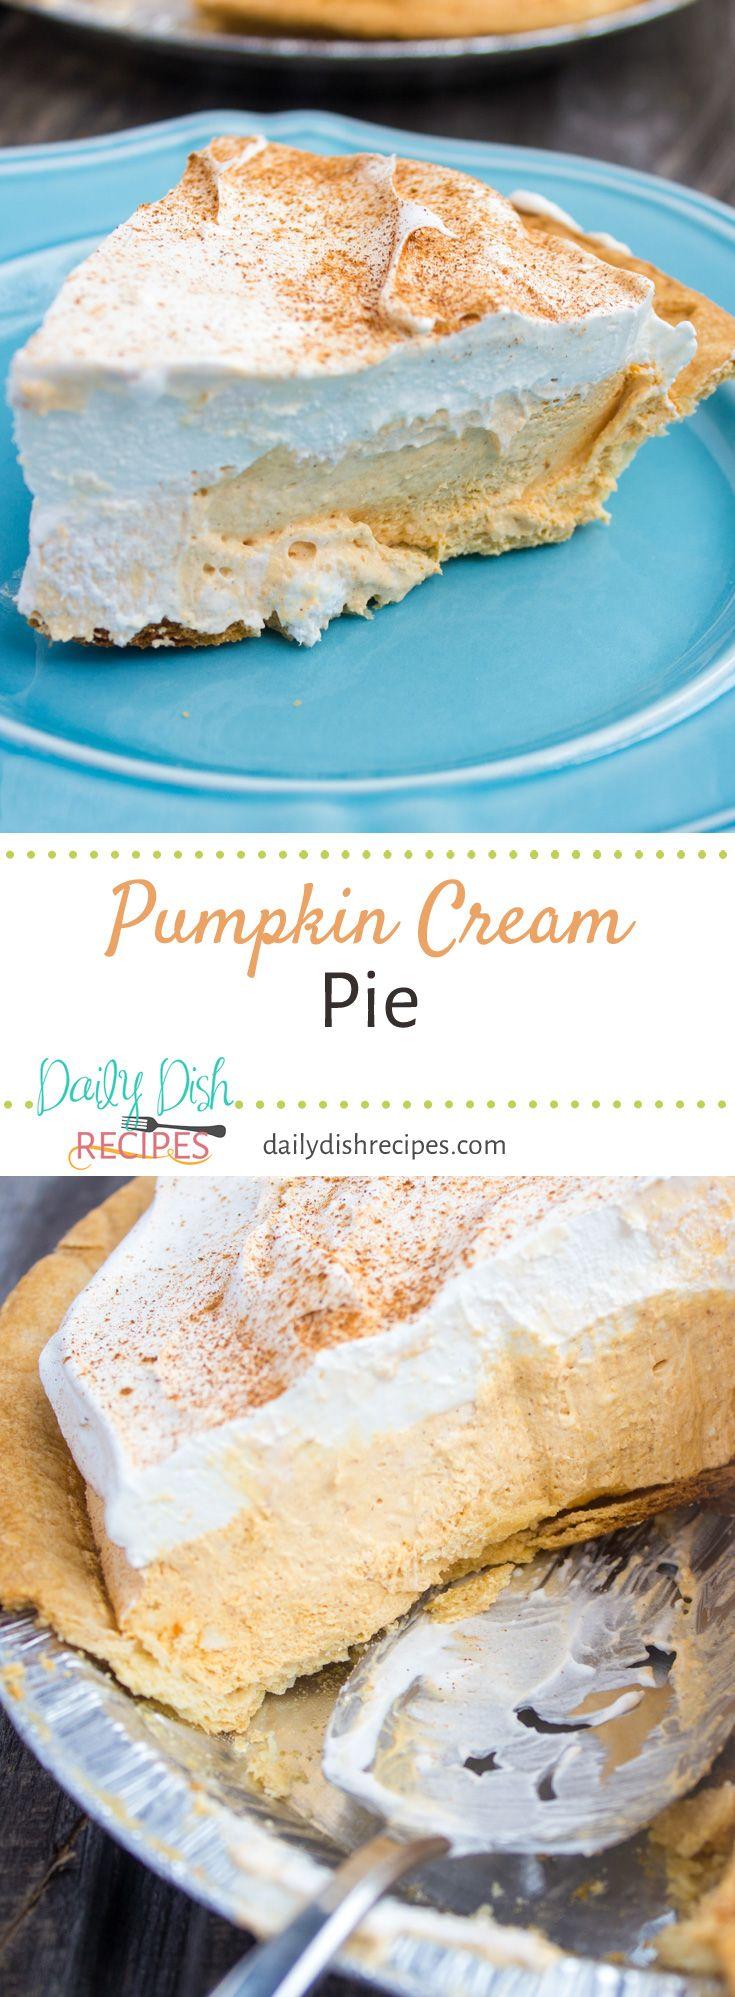 Pumpkin Cream Pie via @dailydishrecipes